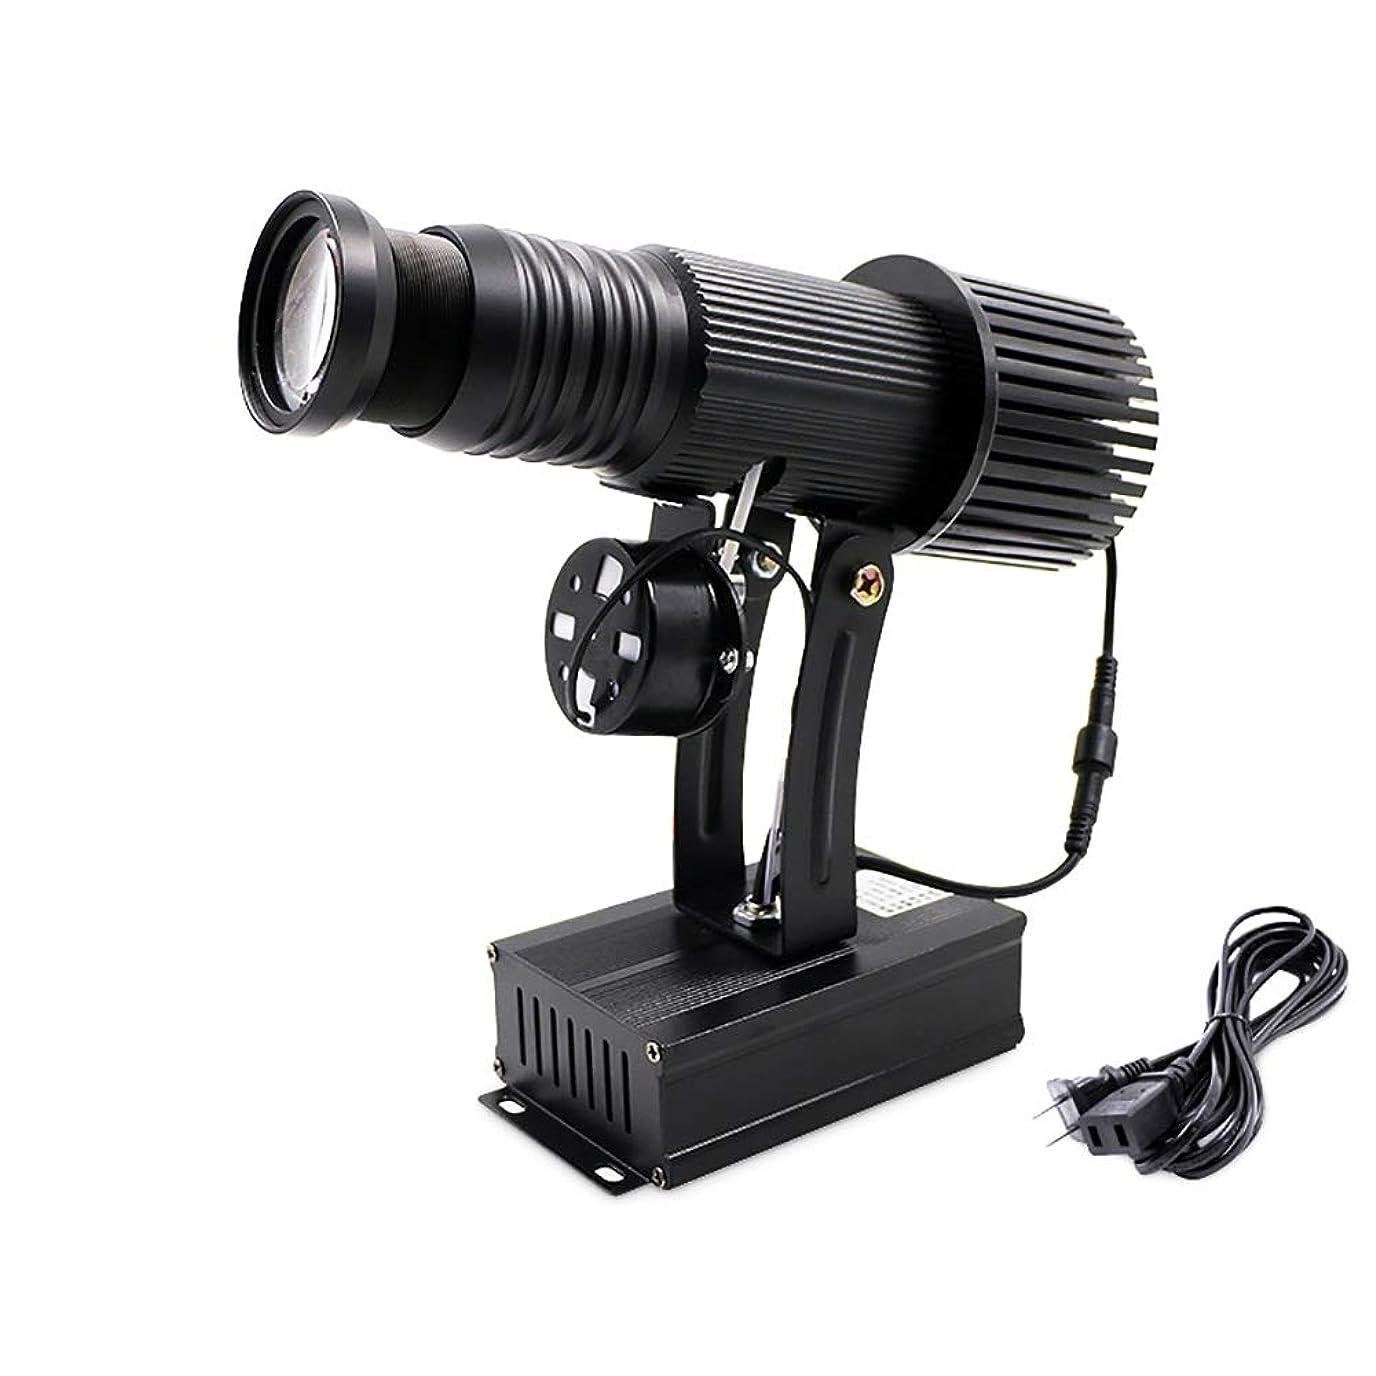 女王リングバック準拠MXBAOHENGLED投影デジタル投影ランプ投影ランプ,黒い KTV,バー,庭園ライト,リモートコントロール 室内 屋外地上回転看板パターンLed広告プロジェクターカスタム 15W 110V-240V,50-60HZ (白い+1(自由))